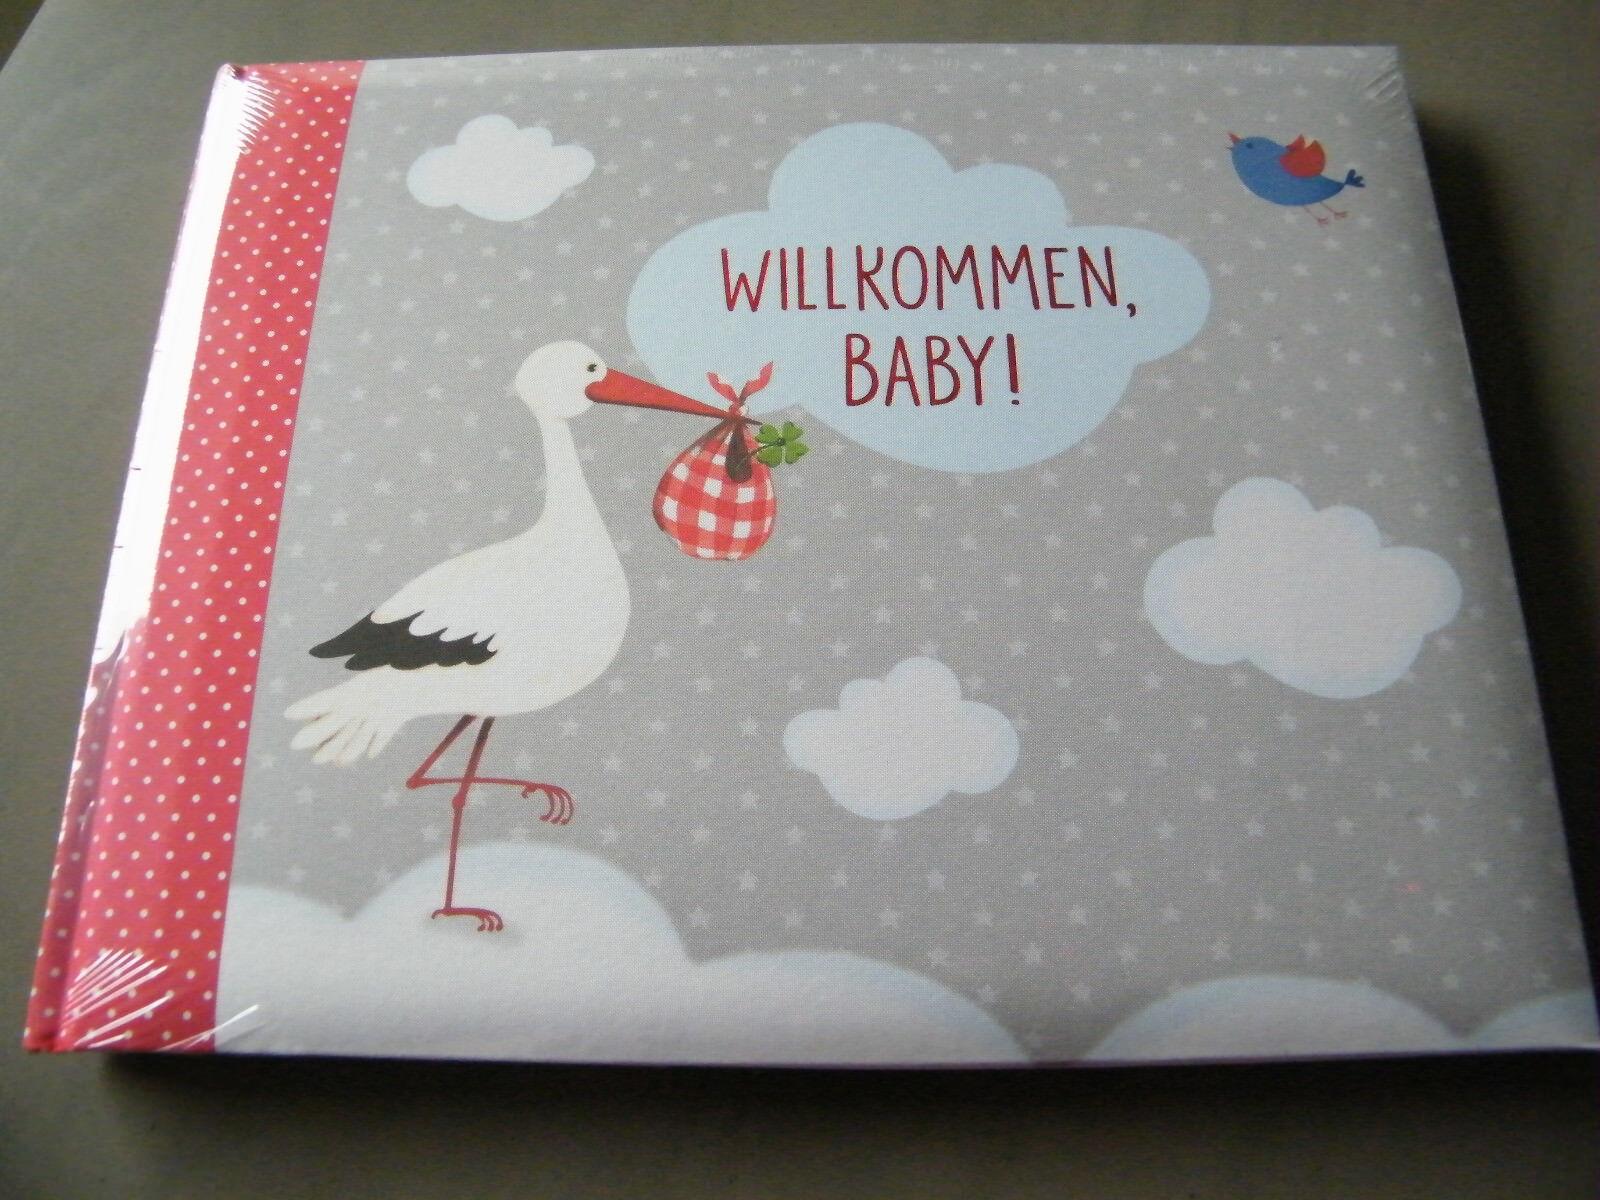 NEU Eintragalbum Fotoalbum Baby Glück Willkommen Baby ! Coppenrath Spiegelburg